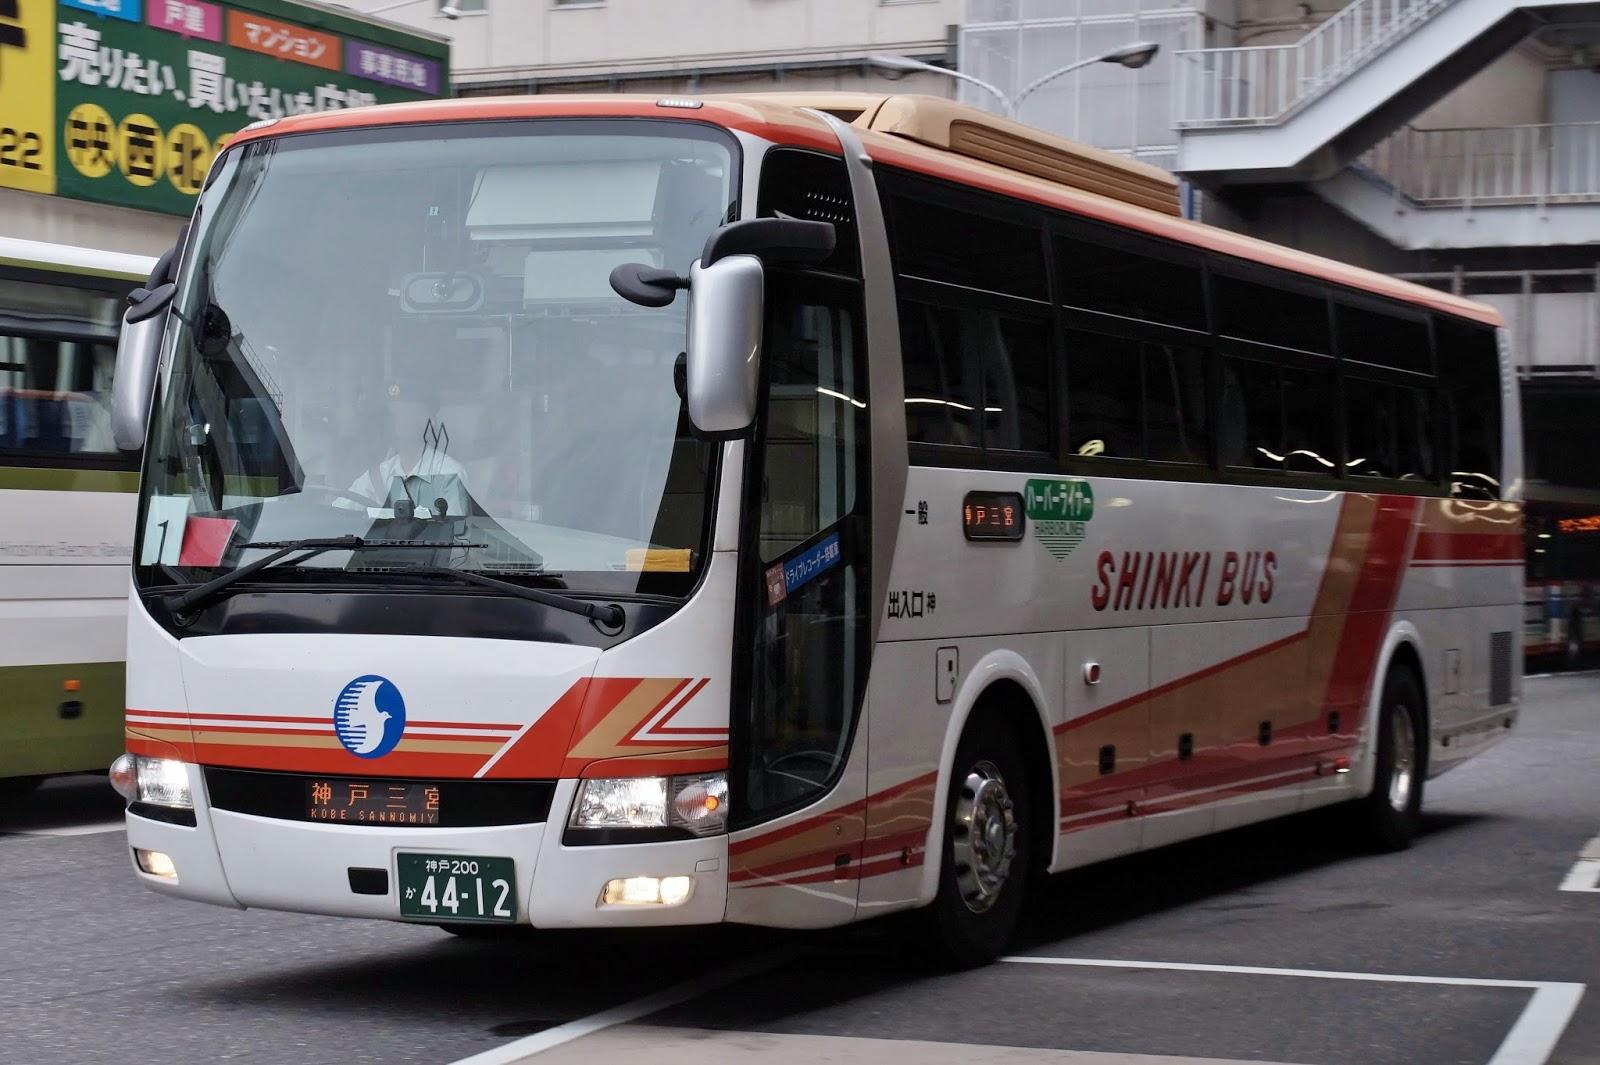 神姫バス 高速バス